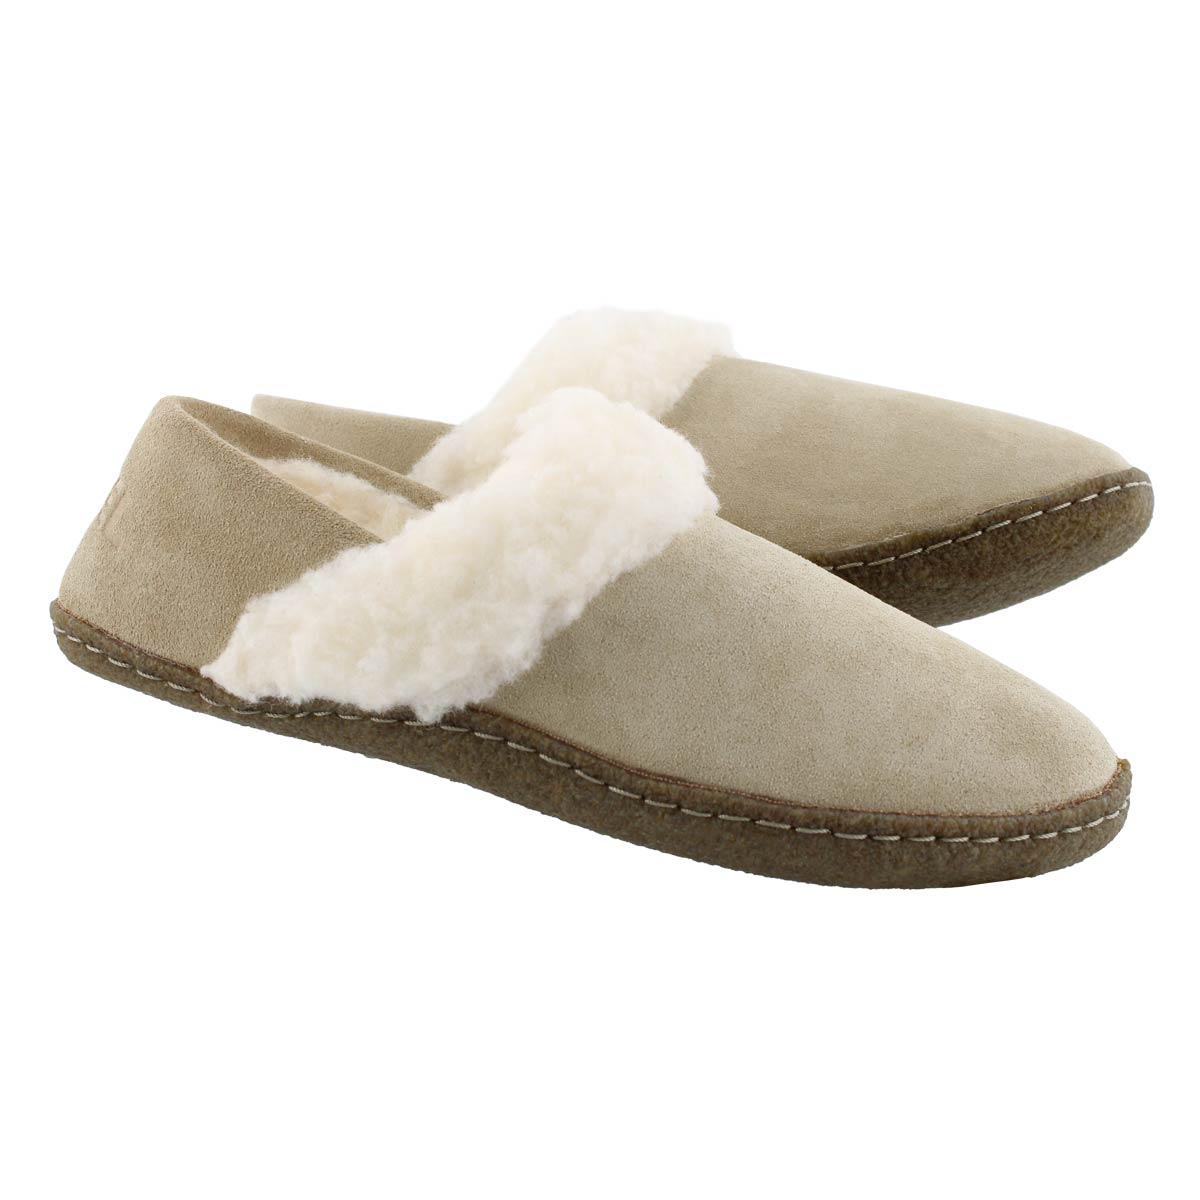 Lds Nakiska II british tan slipper